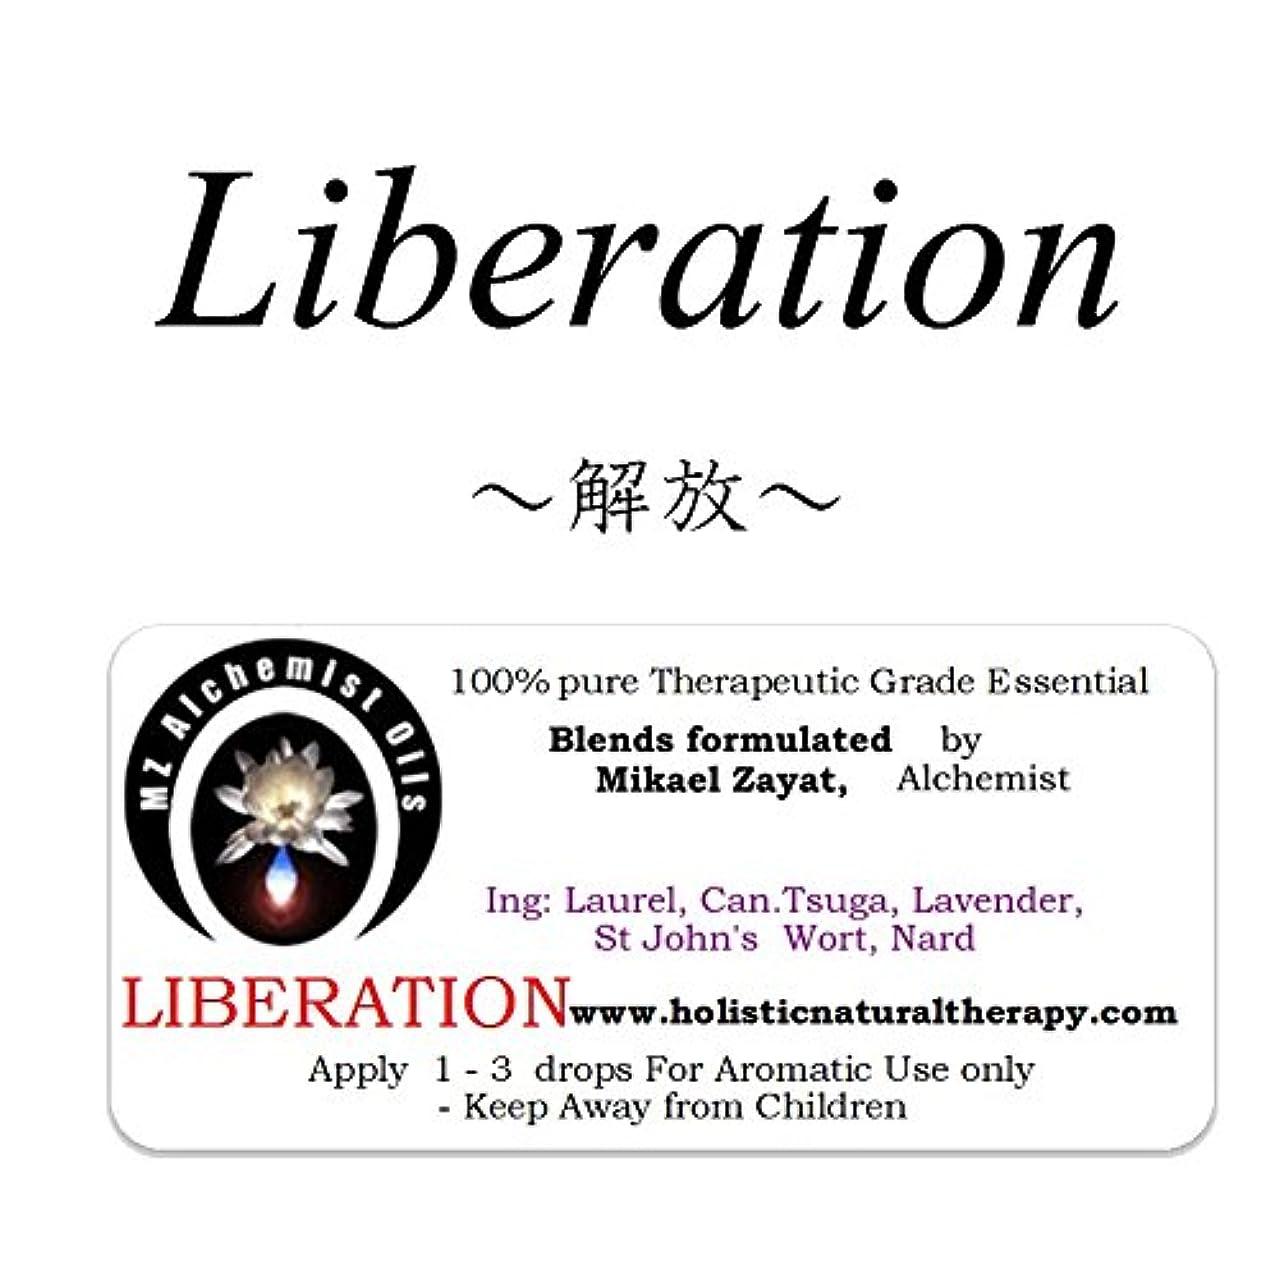 士気酸っぱい狂うミカエル?ザヤットアルケミストオイル セラピストグレードアロマオイル Liberation-リベレーション(解放)- 4ml